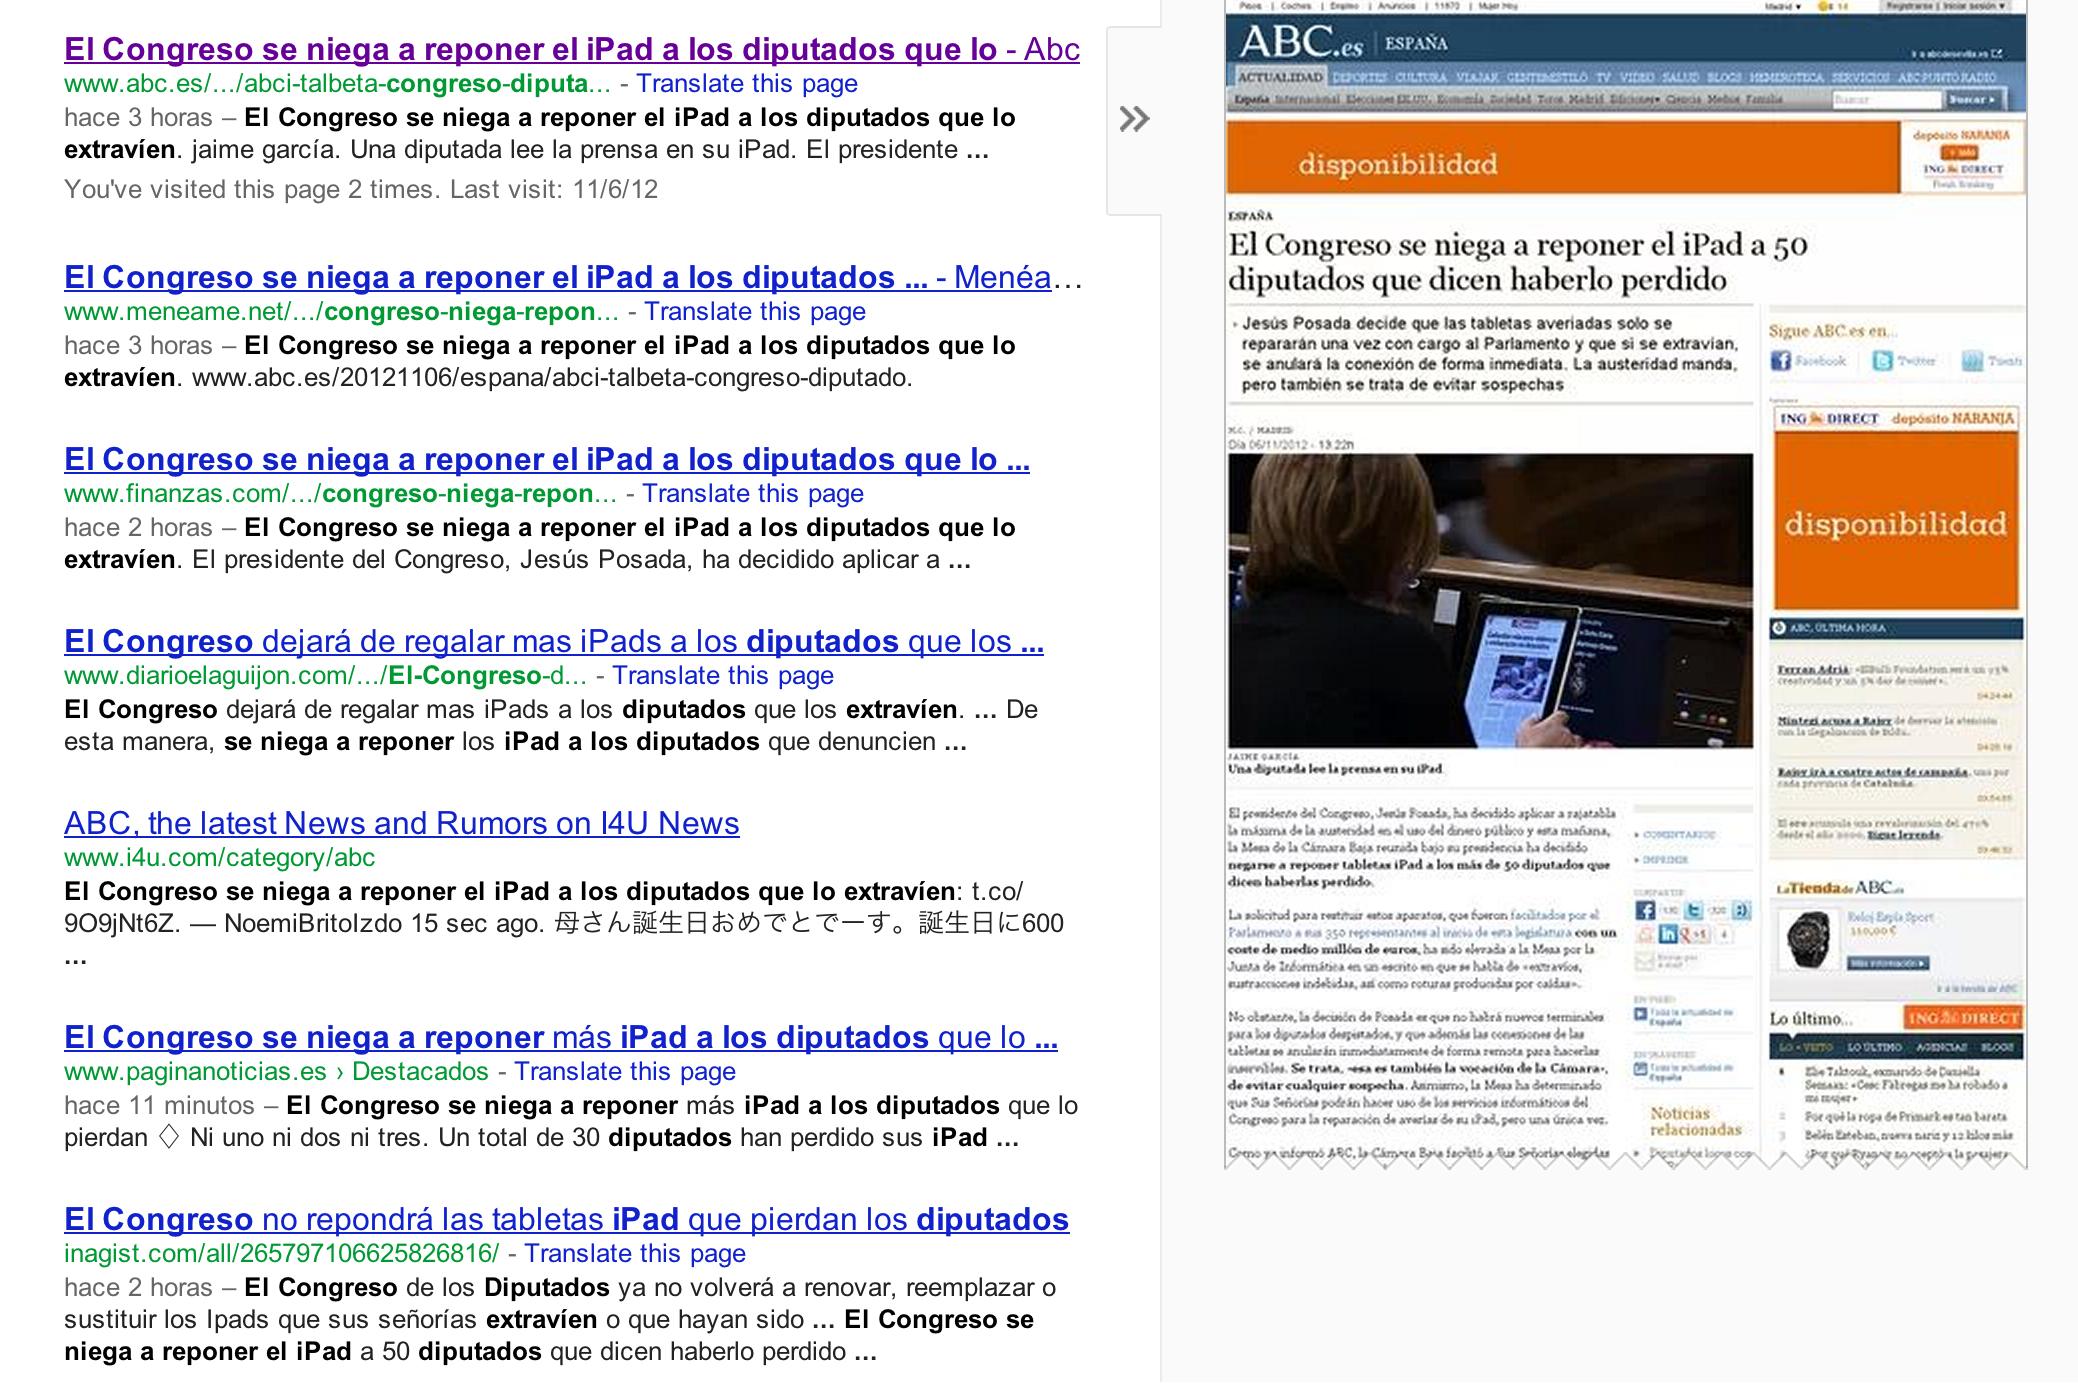 El misterio de los iPads perdidos » Enrique Dans